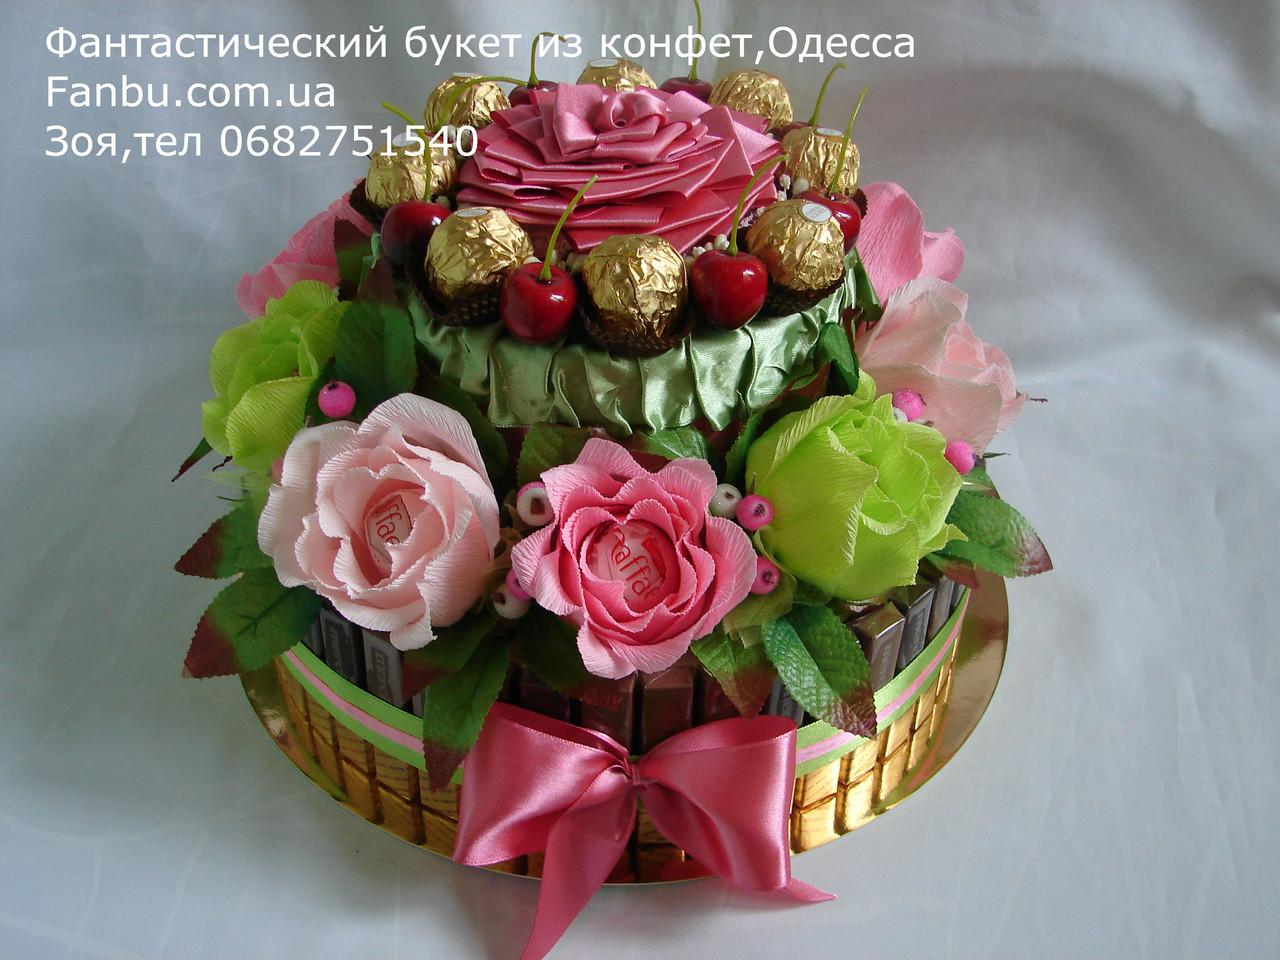 """Торт из шоколада и конфет""""Жозефина"""", фото 1"""